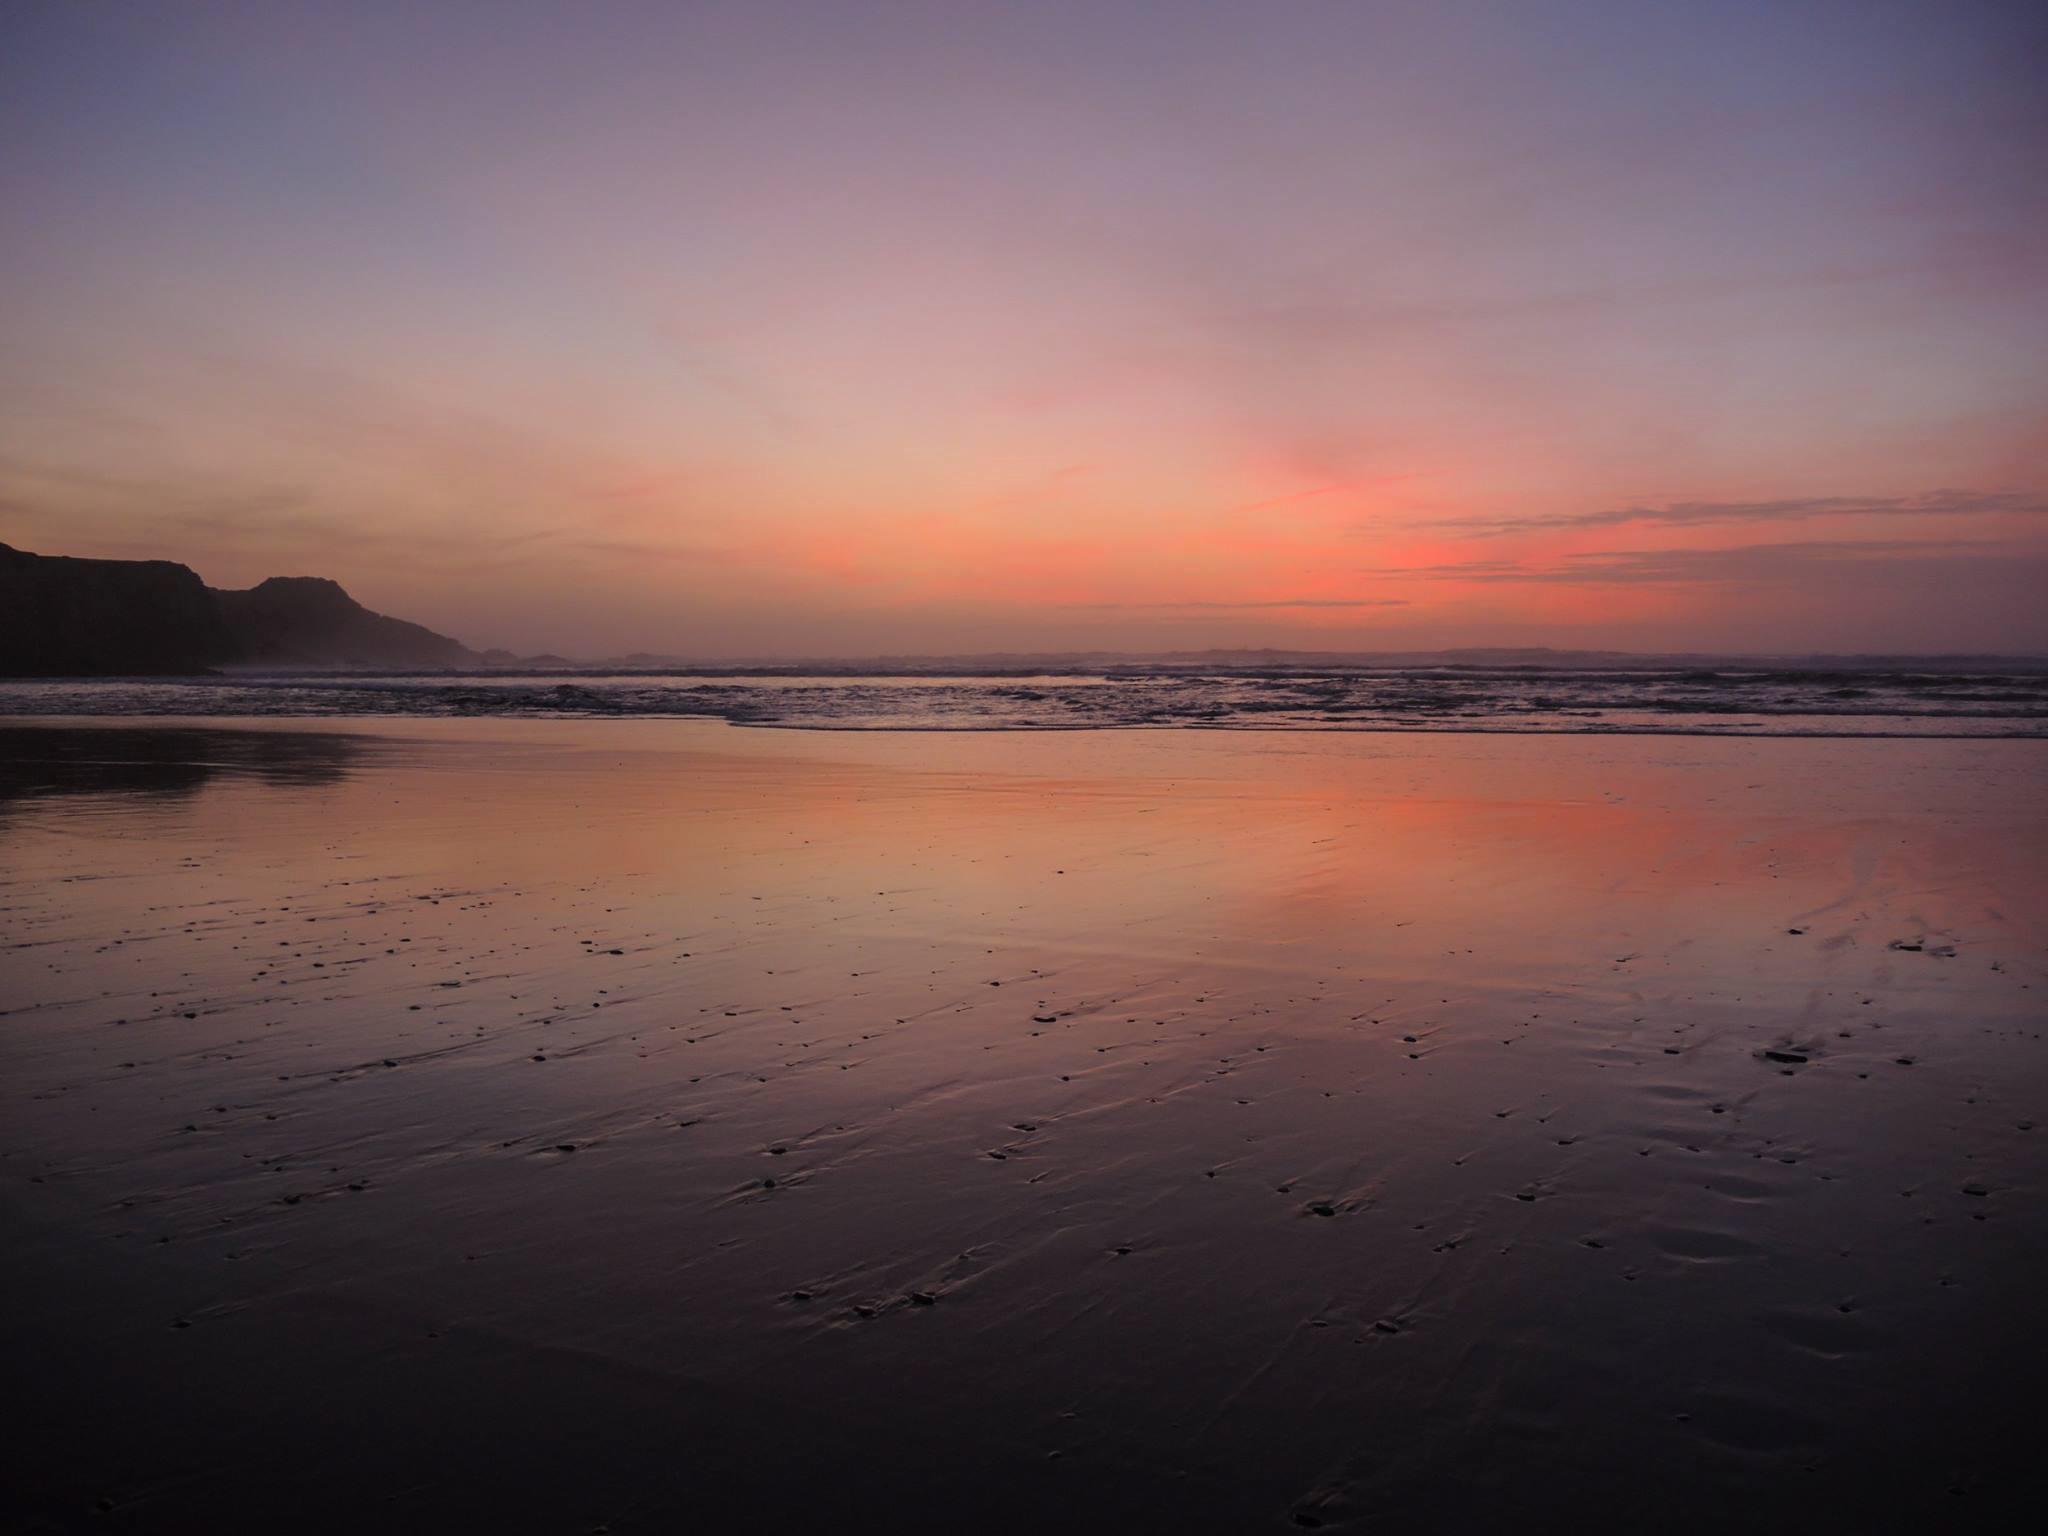 Sunset at Odeceixe beach